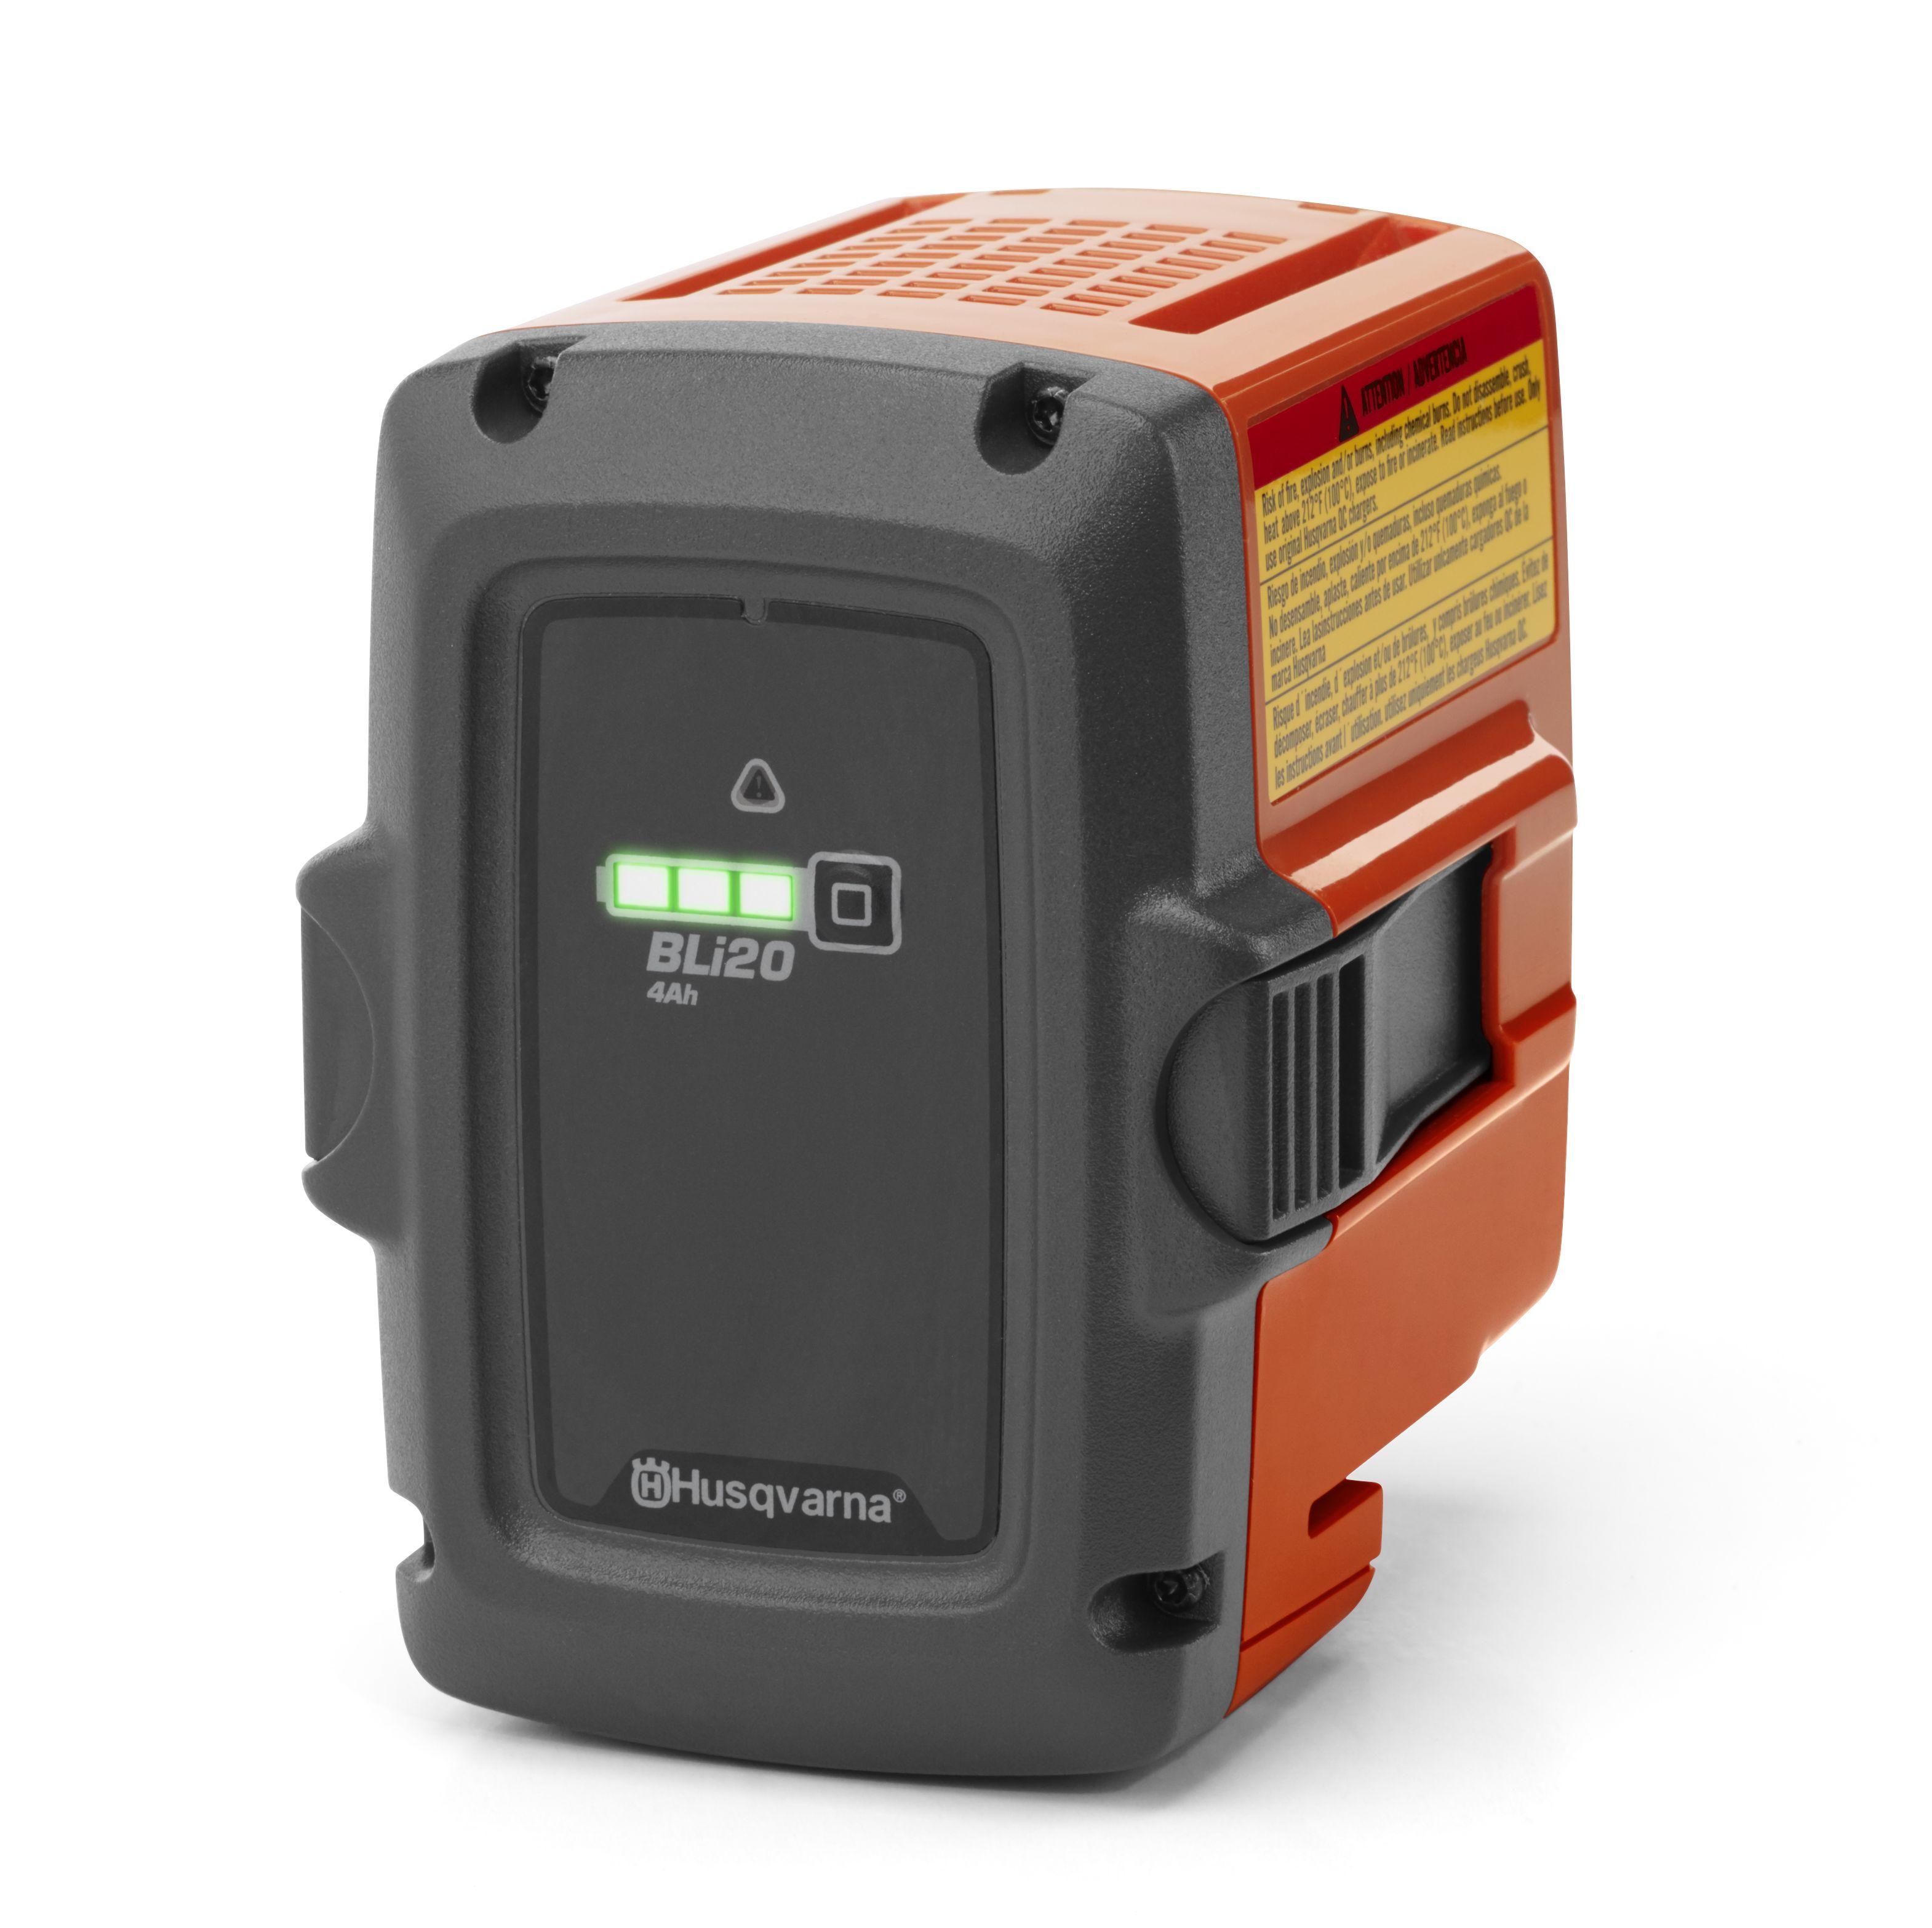 Tron onneuse batterie husqvarna 120i offre pack avec - Tronconneuse a batterie ...